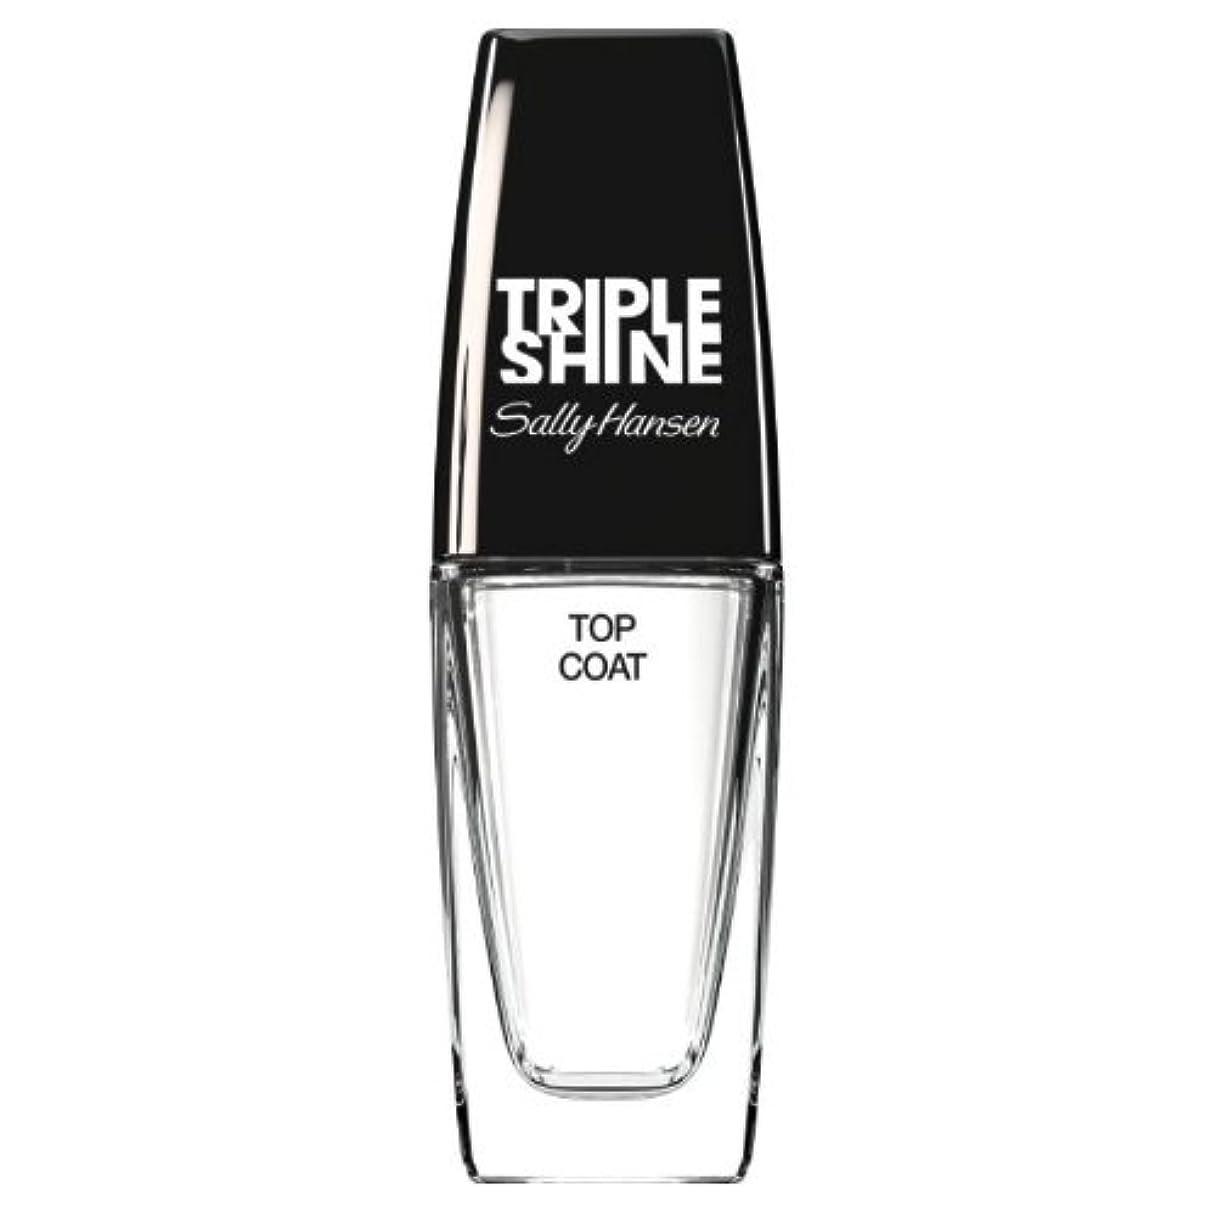 発見する刺す悩み(3 Pack) SALLY HANSEN Triple Shine Top Coat - Triple Shine Top Coat (並行輸入品)